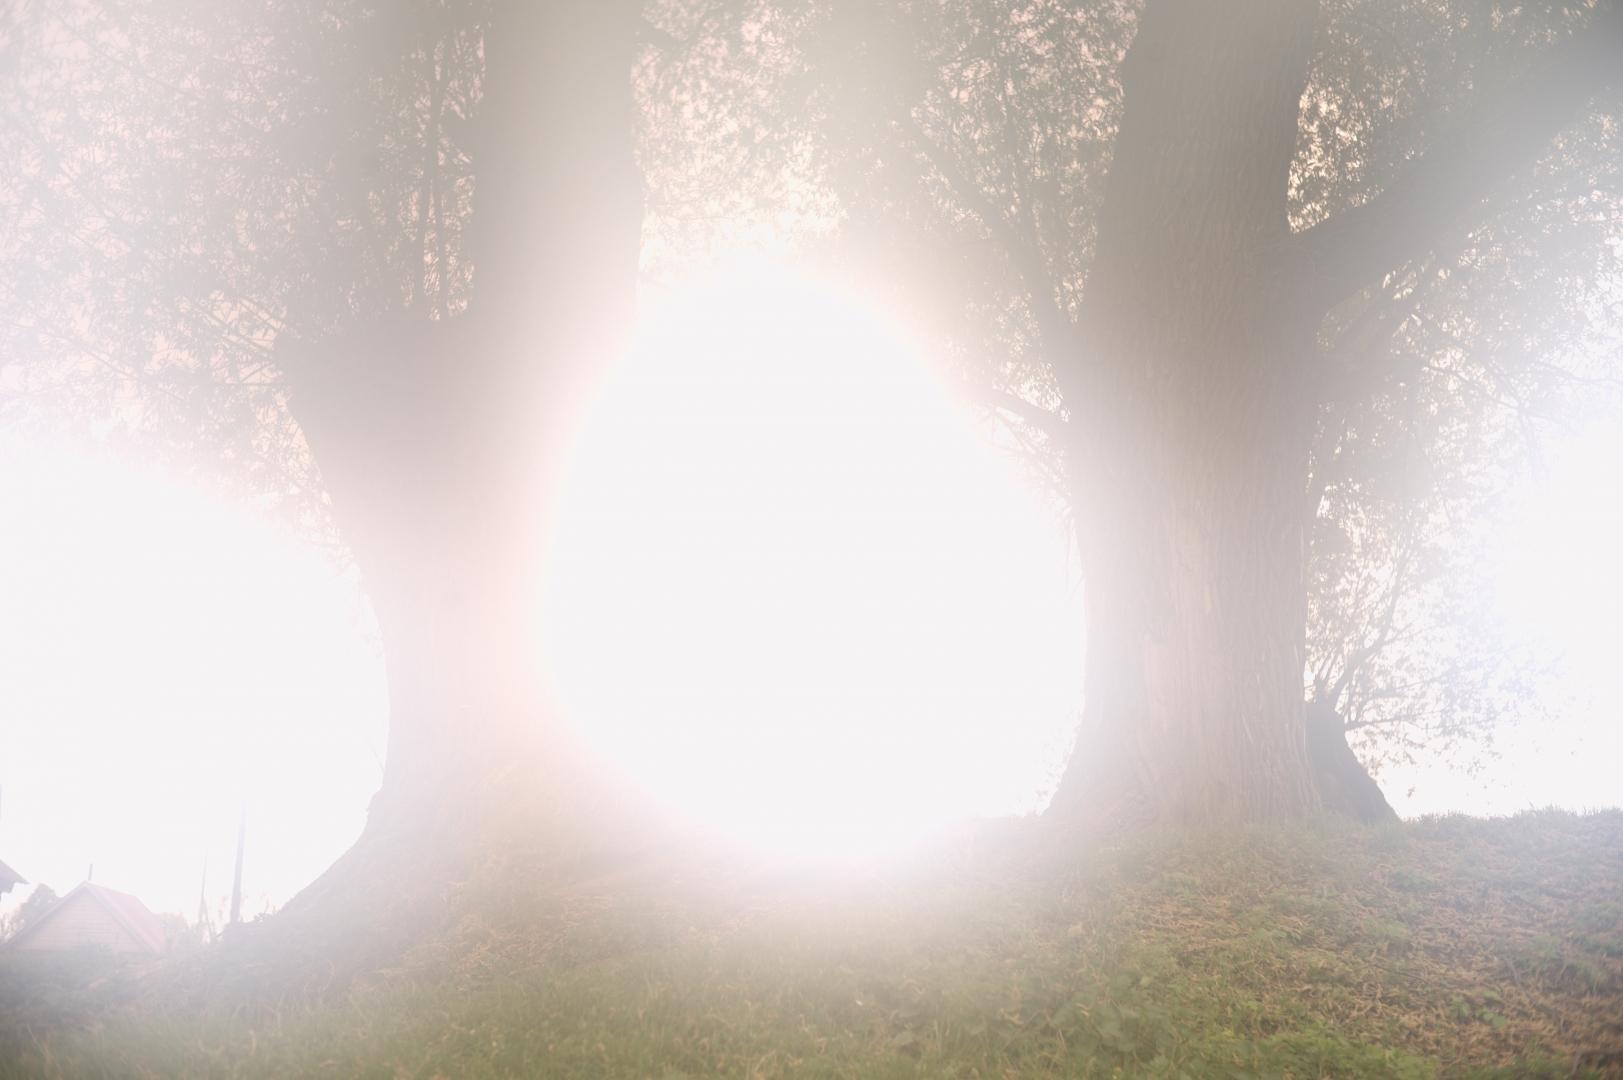 В Чувашии много больших деревьев, особенно ив